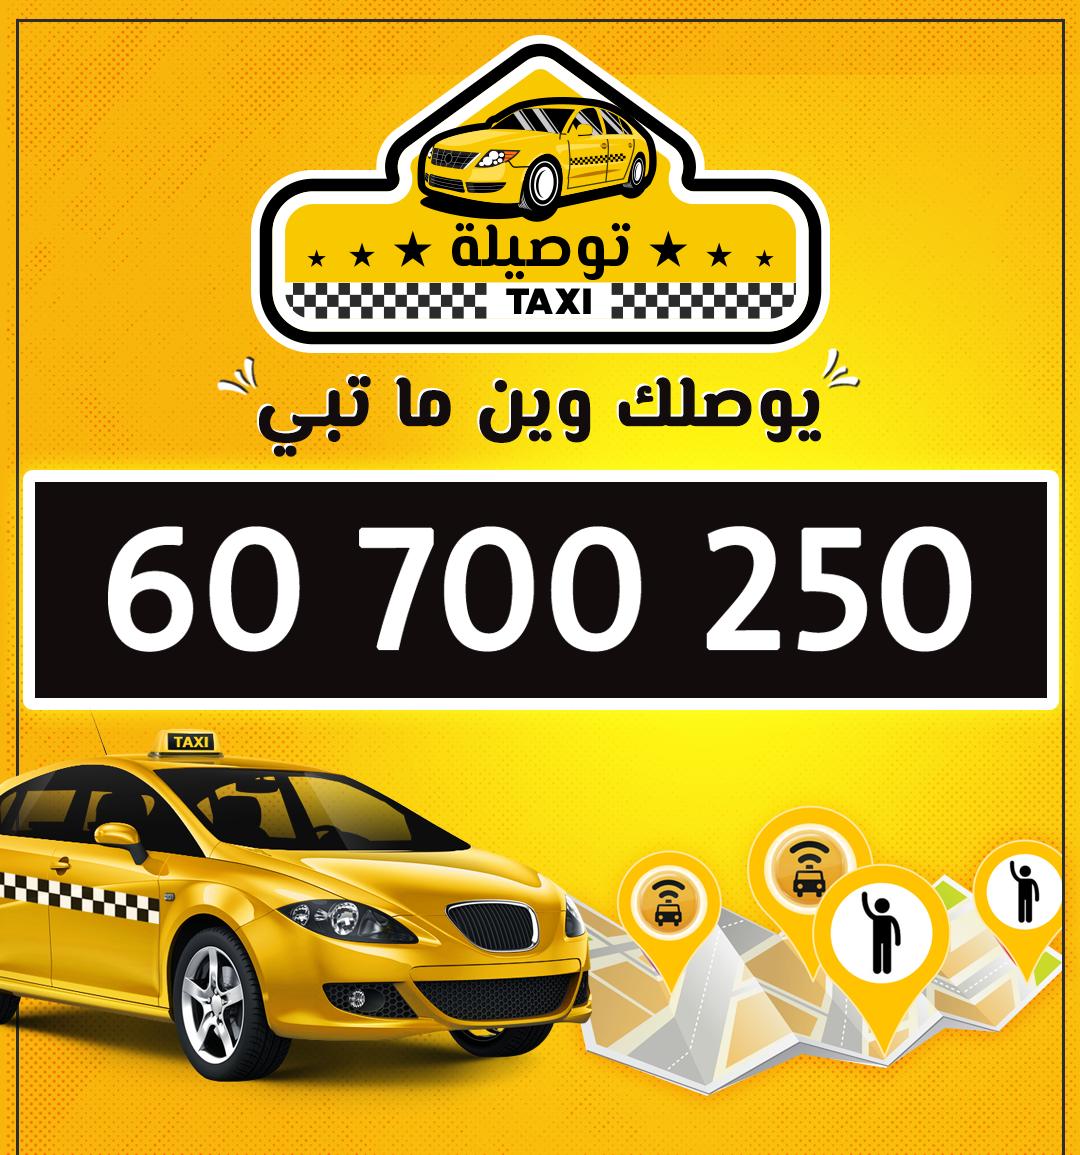 تاكسي توصيلة في شارع الدوحة